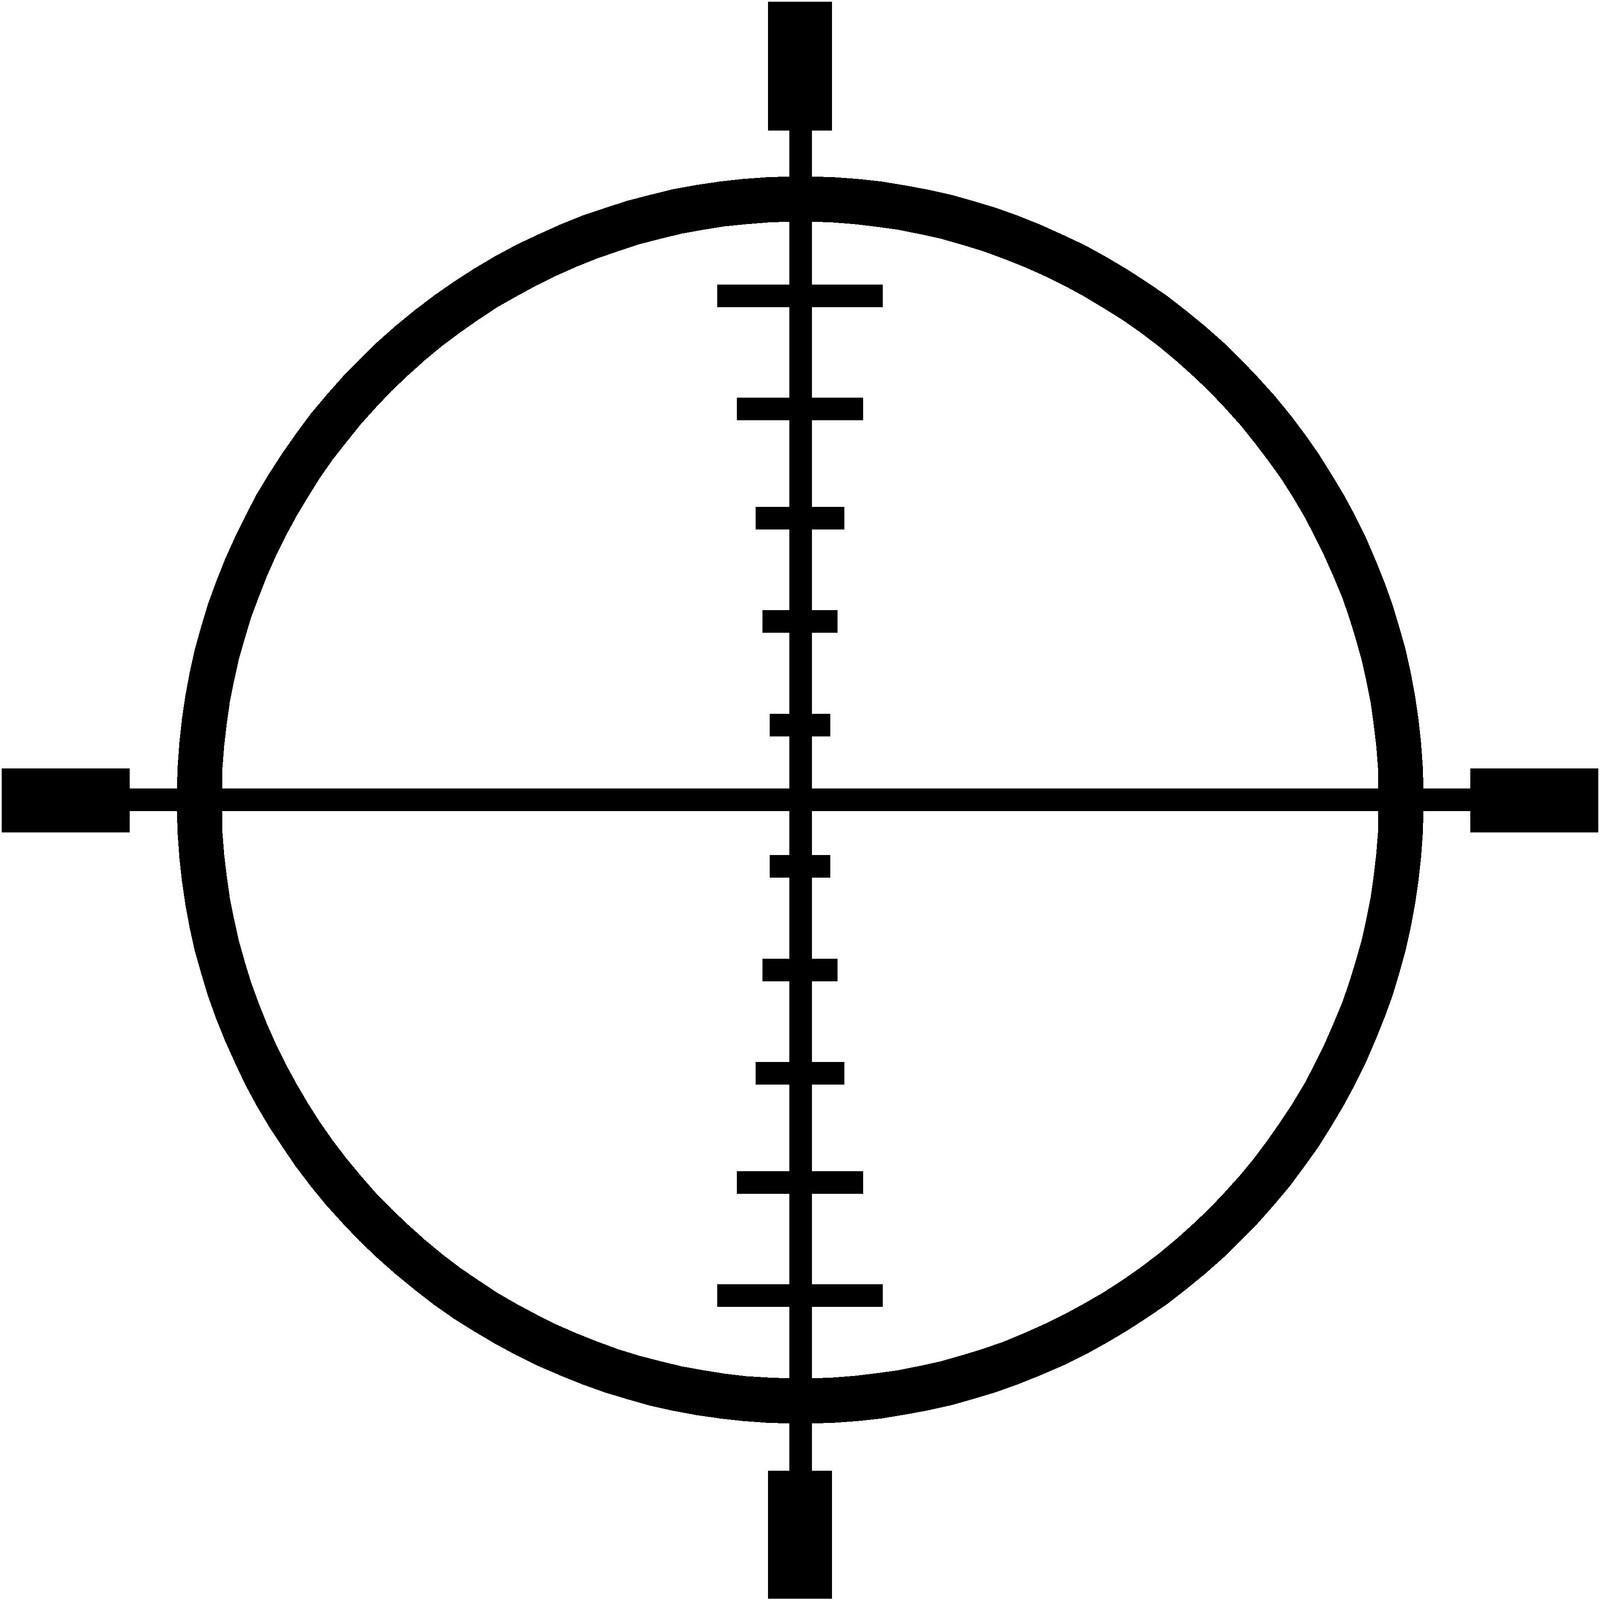 Rifle Scope Crosshairs